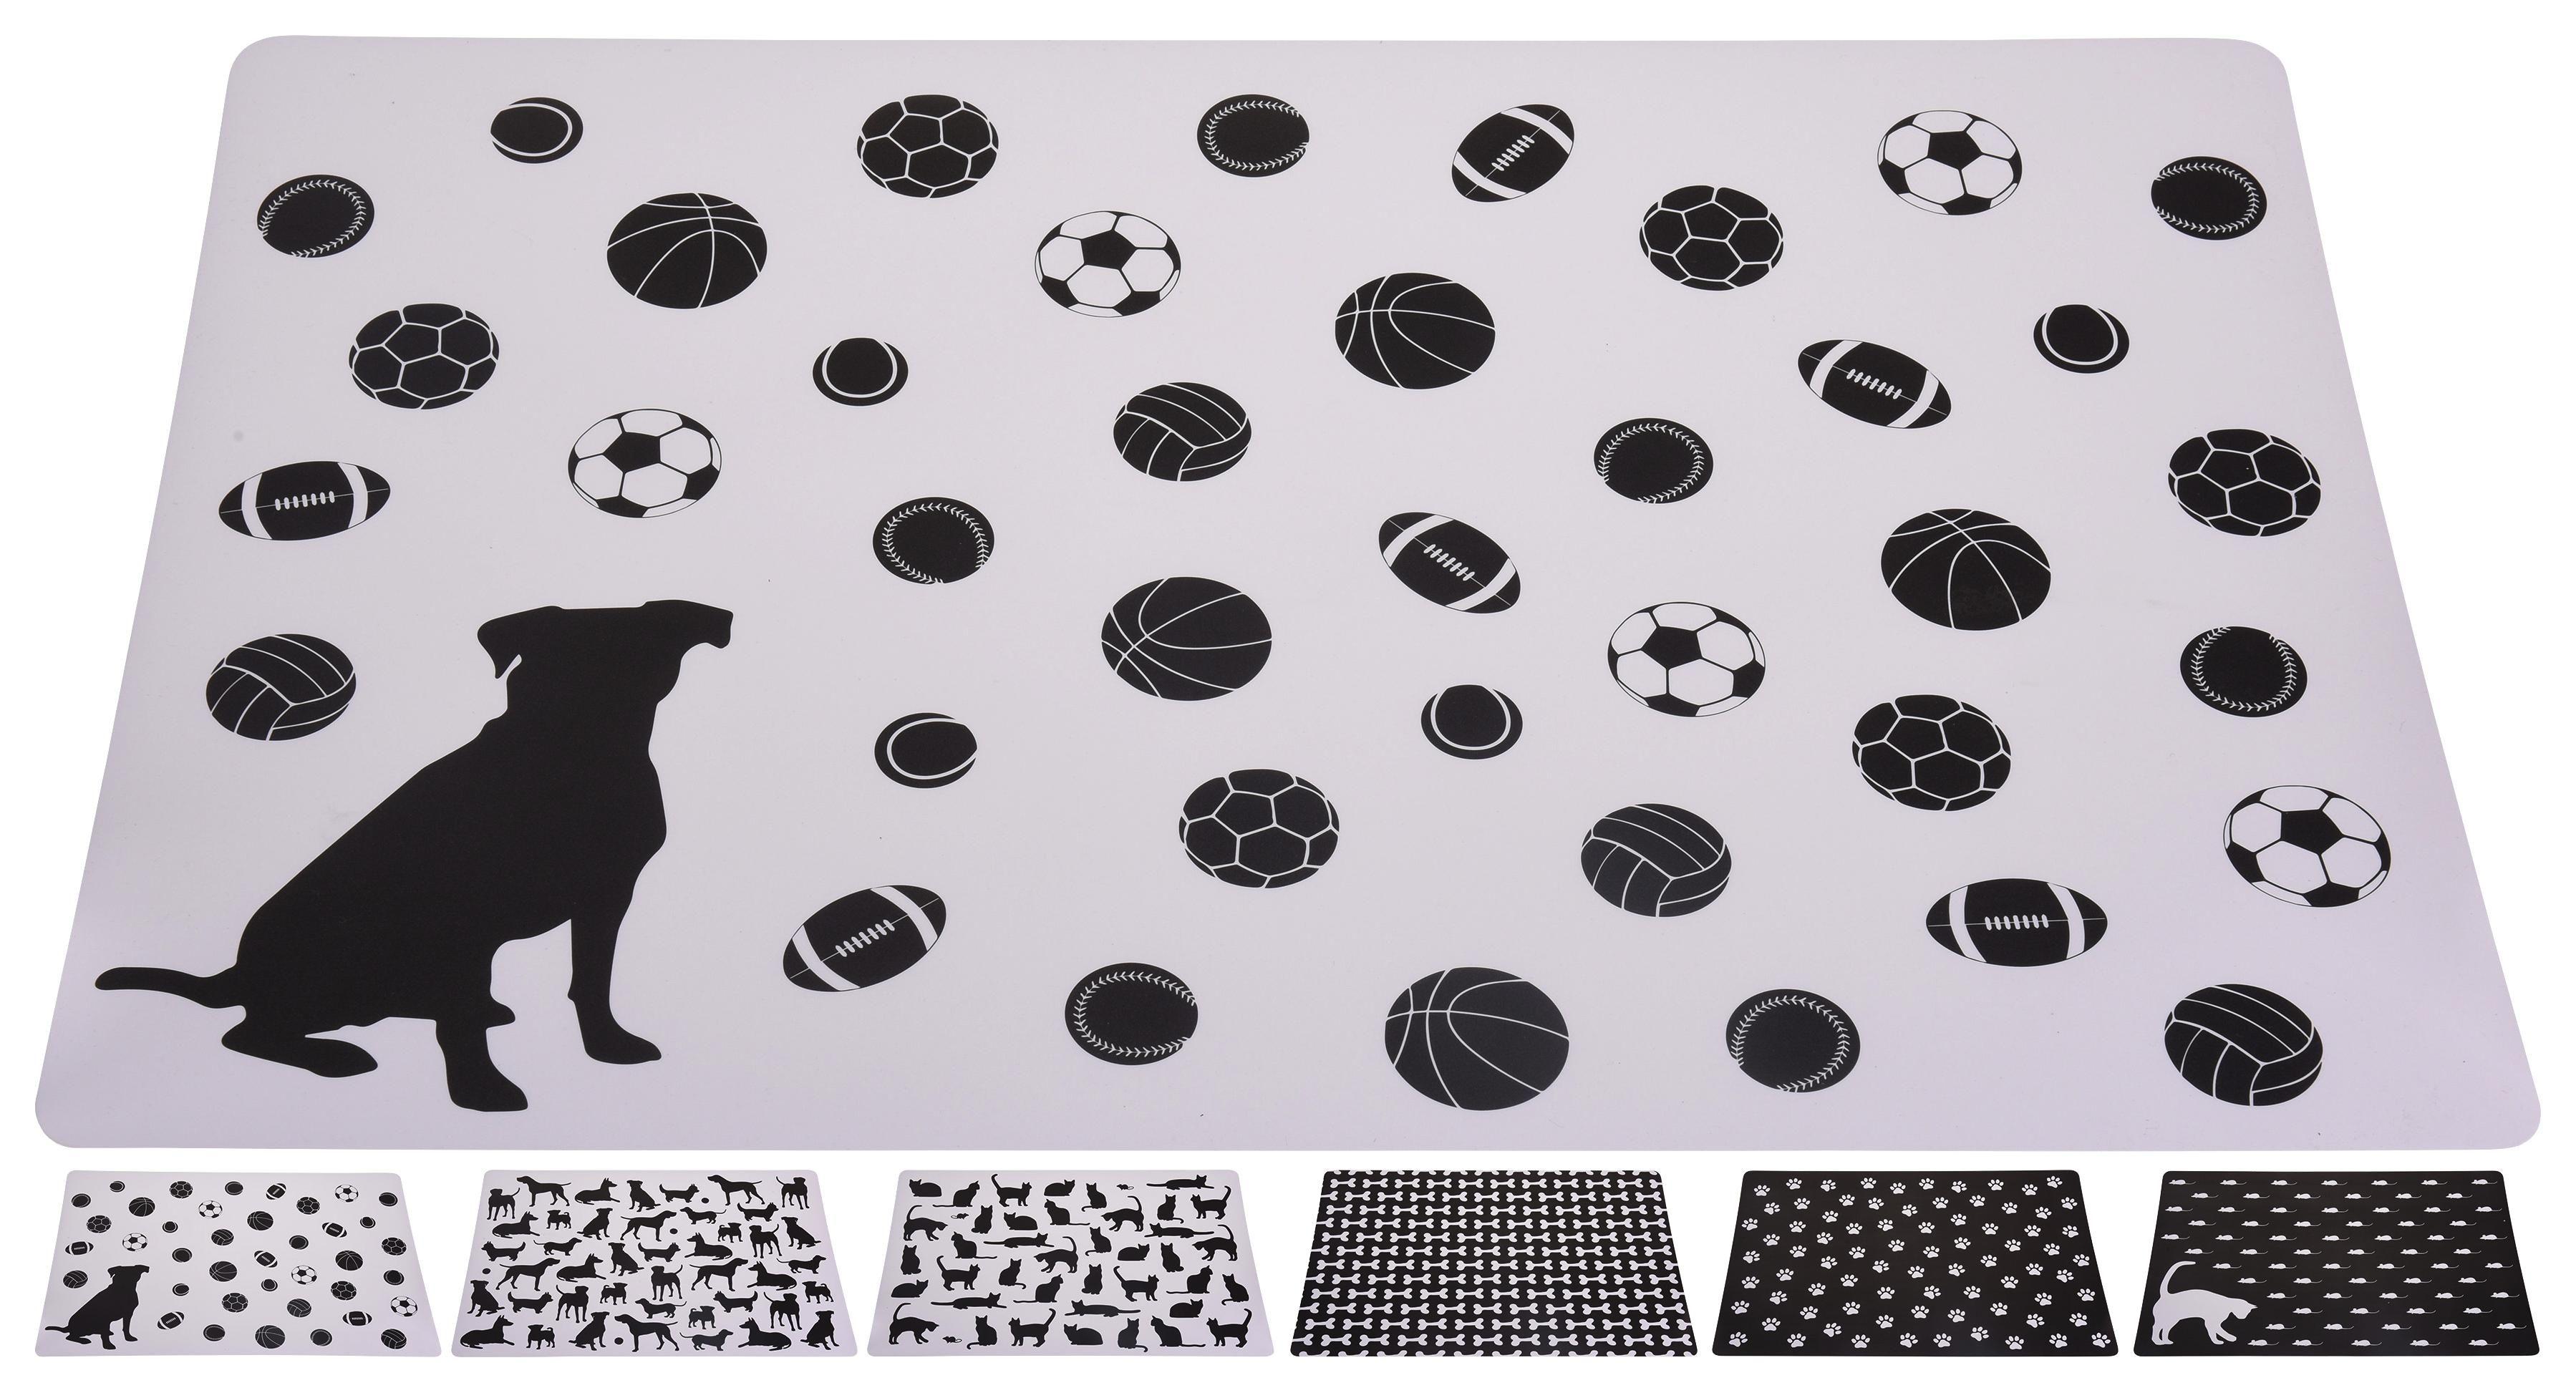 Napfunterlage Furry - Schwarz/Weiß, Basics, Kunststoff (37/56cm)